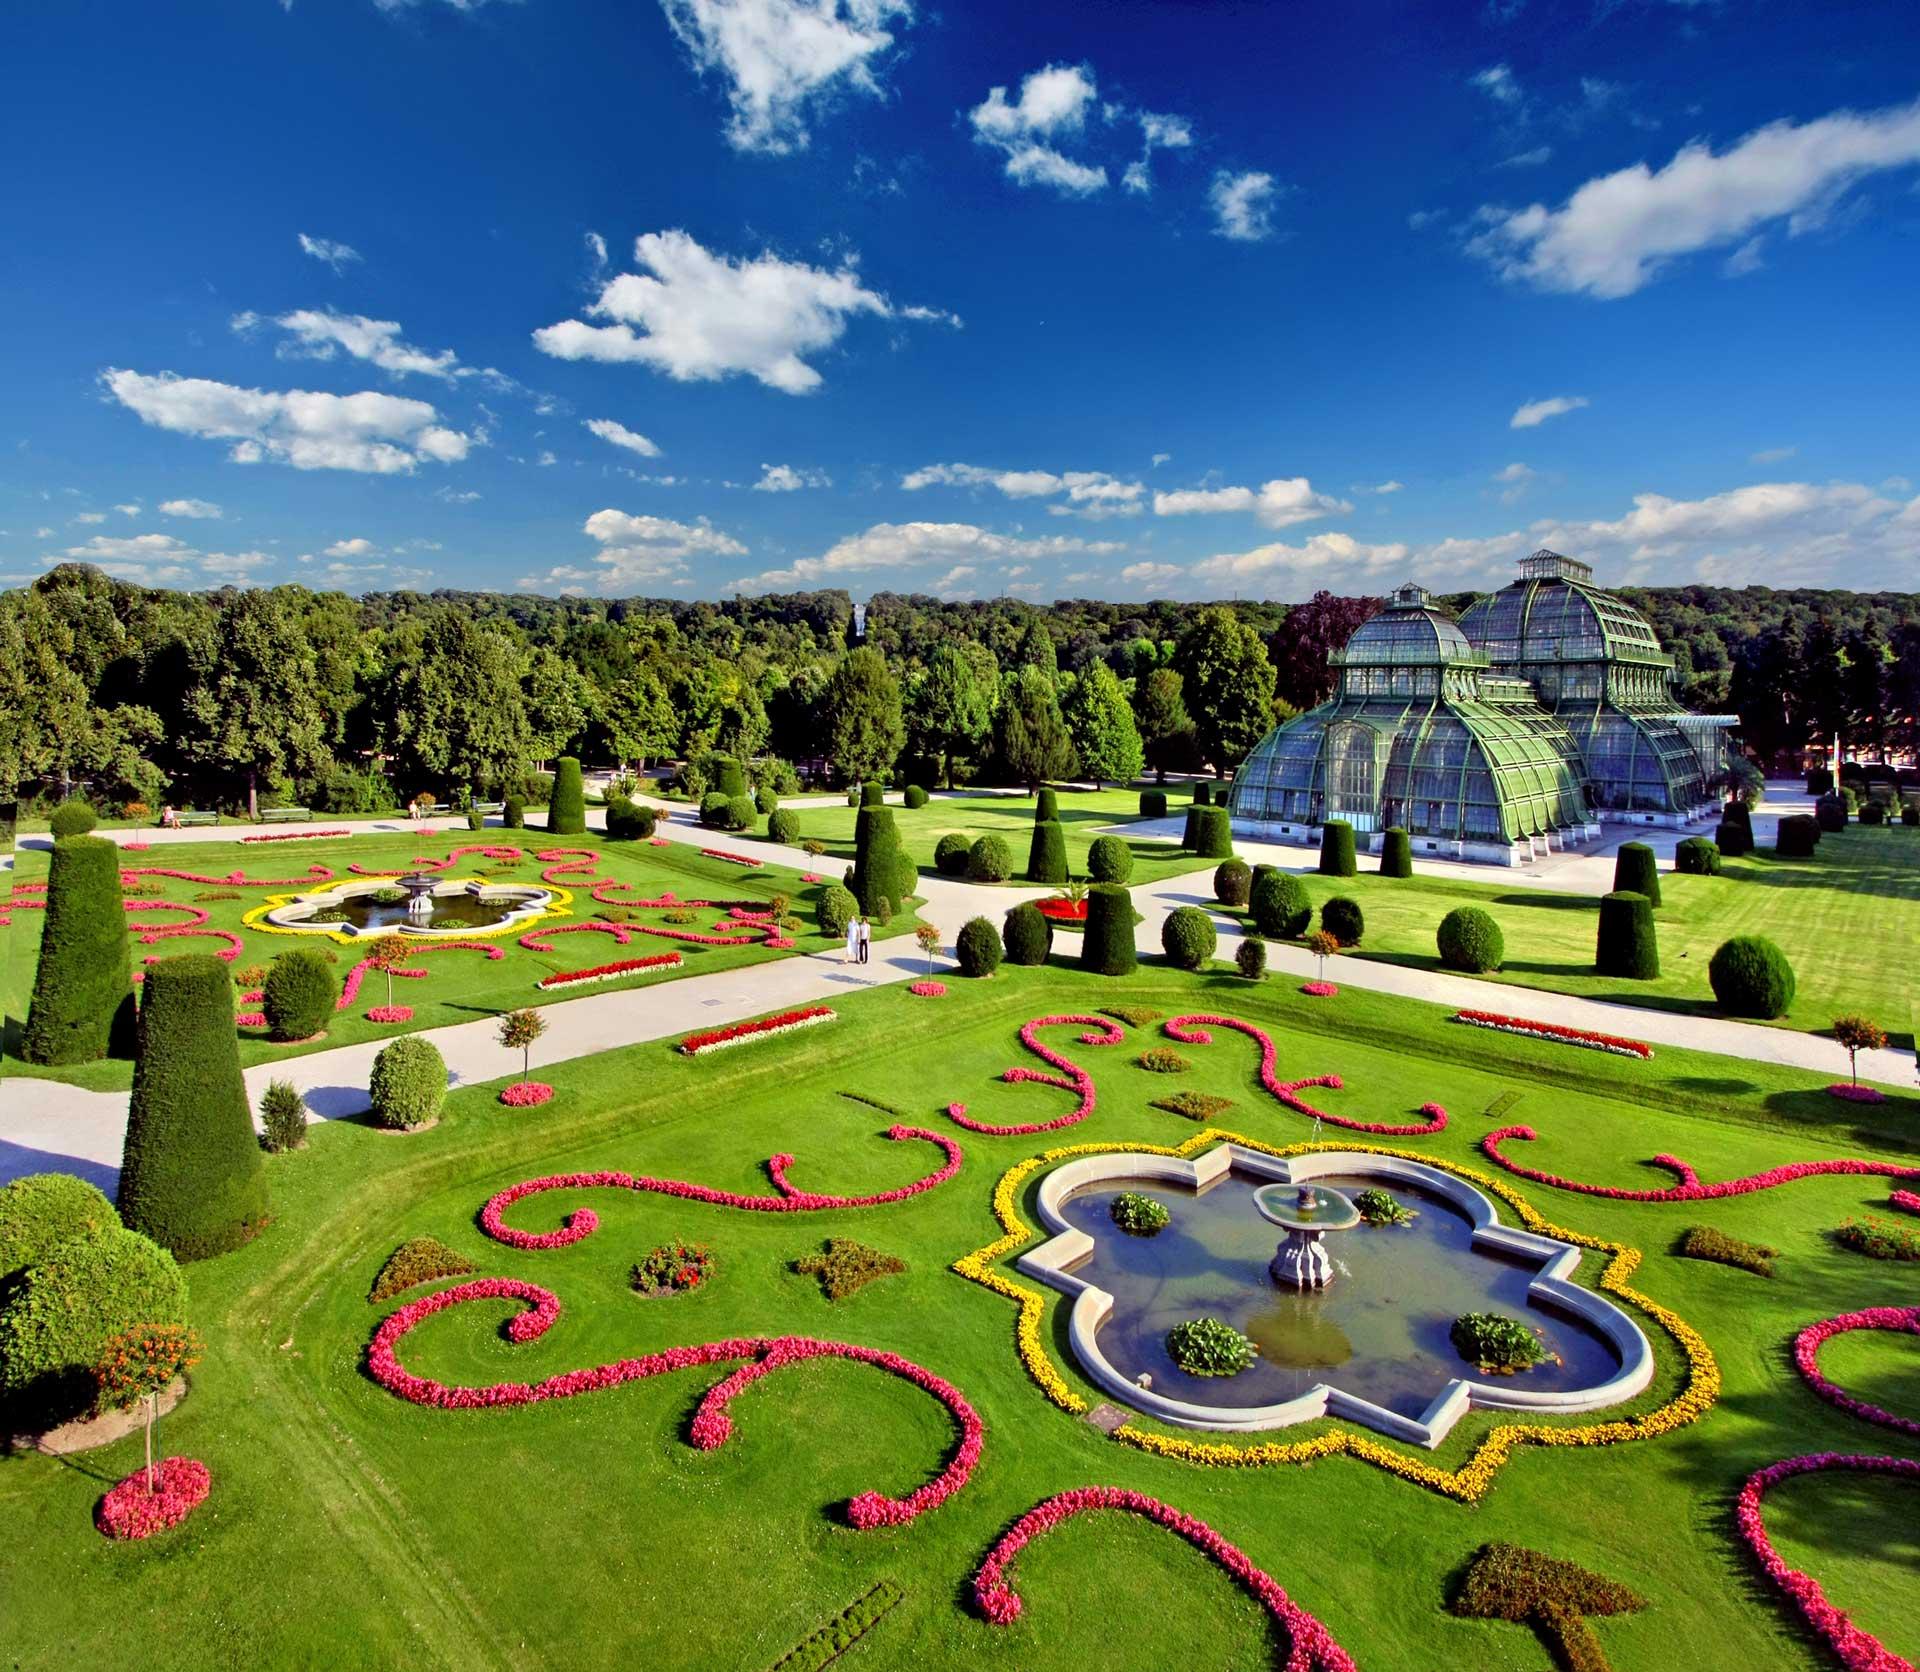 Grupp- och konferensresa till Schoenbrunns vackra trädgårdar Wien